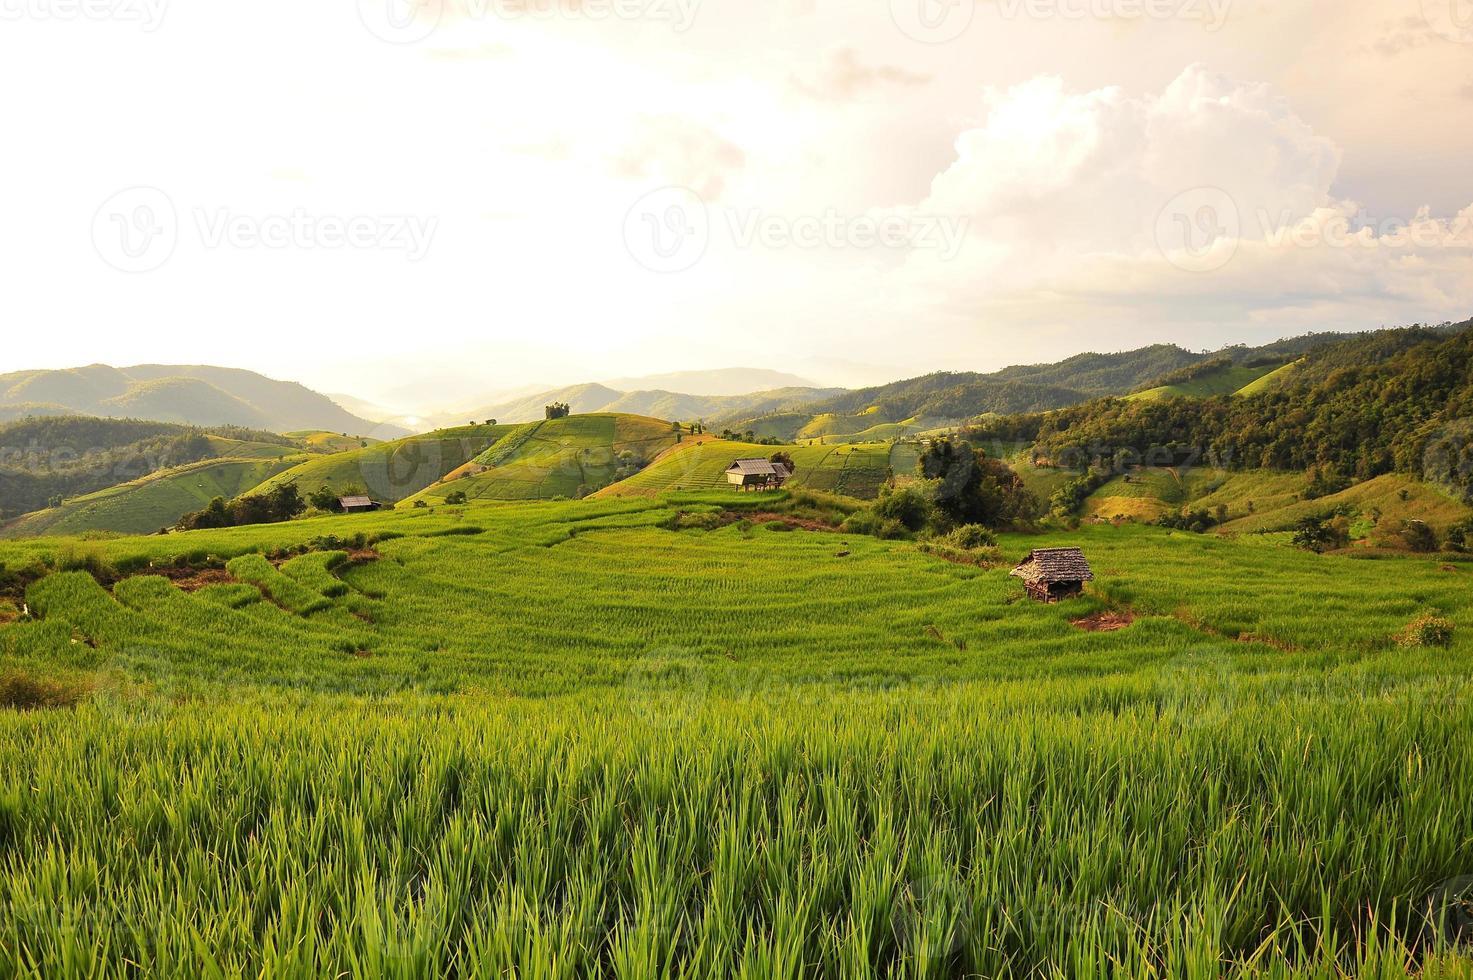 campos de arroz en las colinas foto